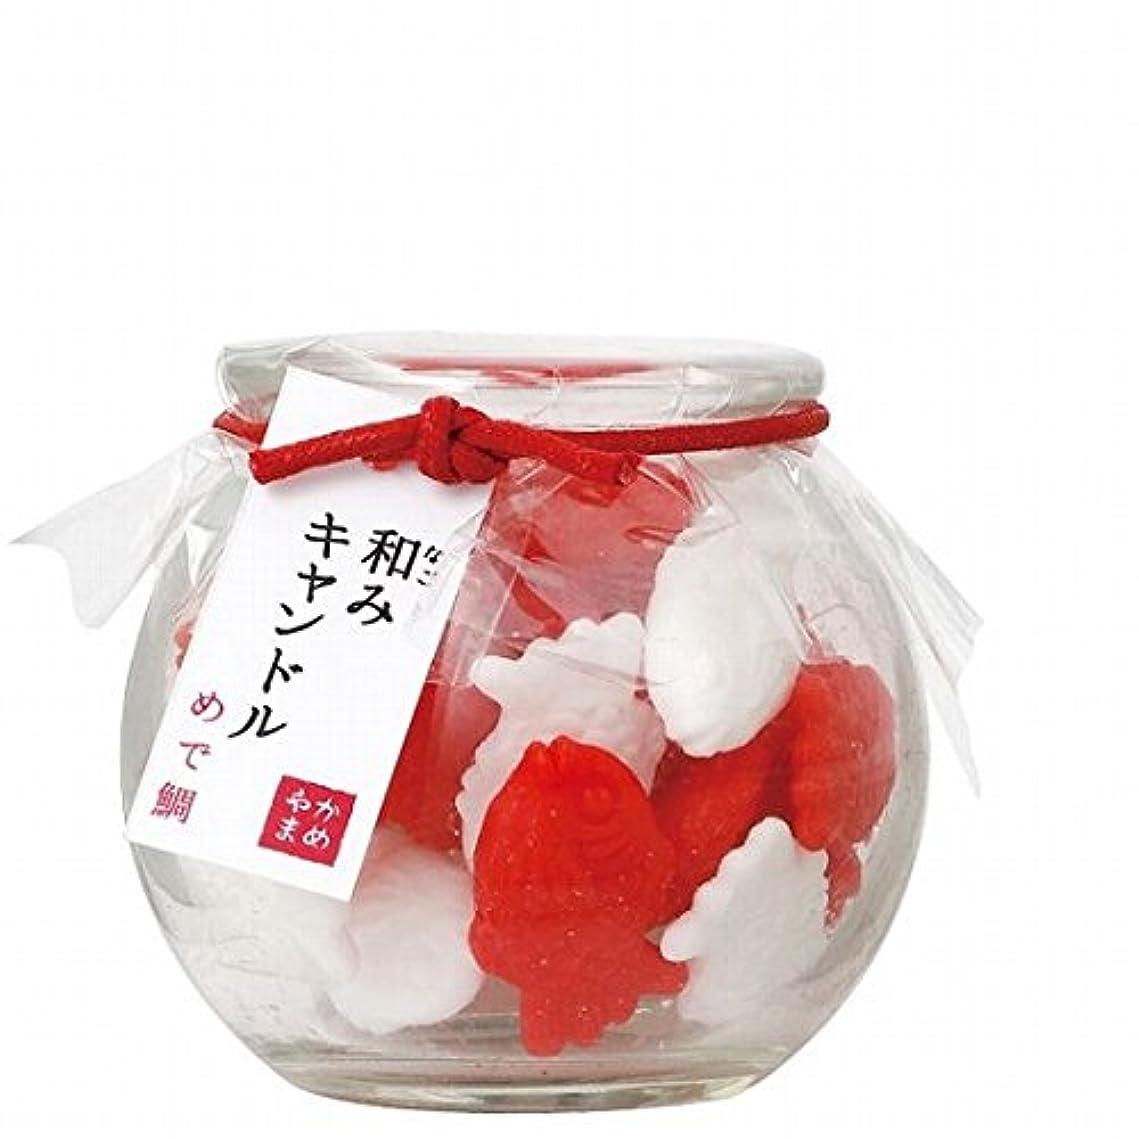 ヒップ穿孔するサミュエルカメヤマキャンドル(kameyama candle) 和みキャンドル 「めで鯛」